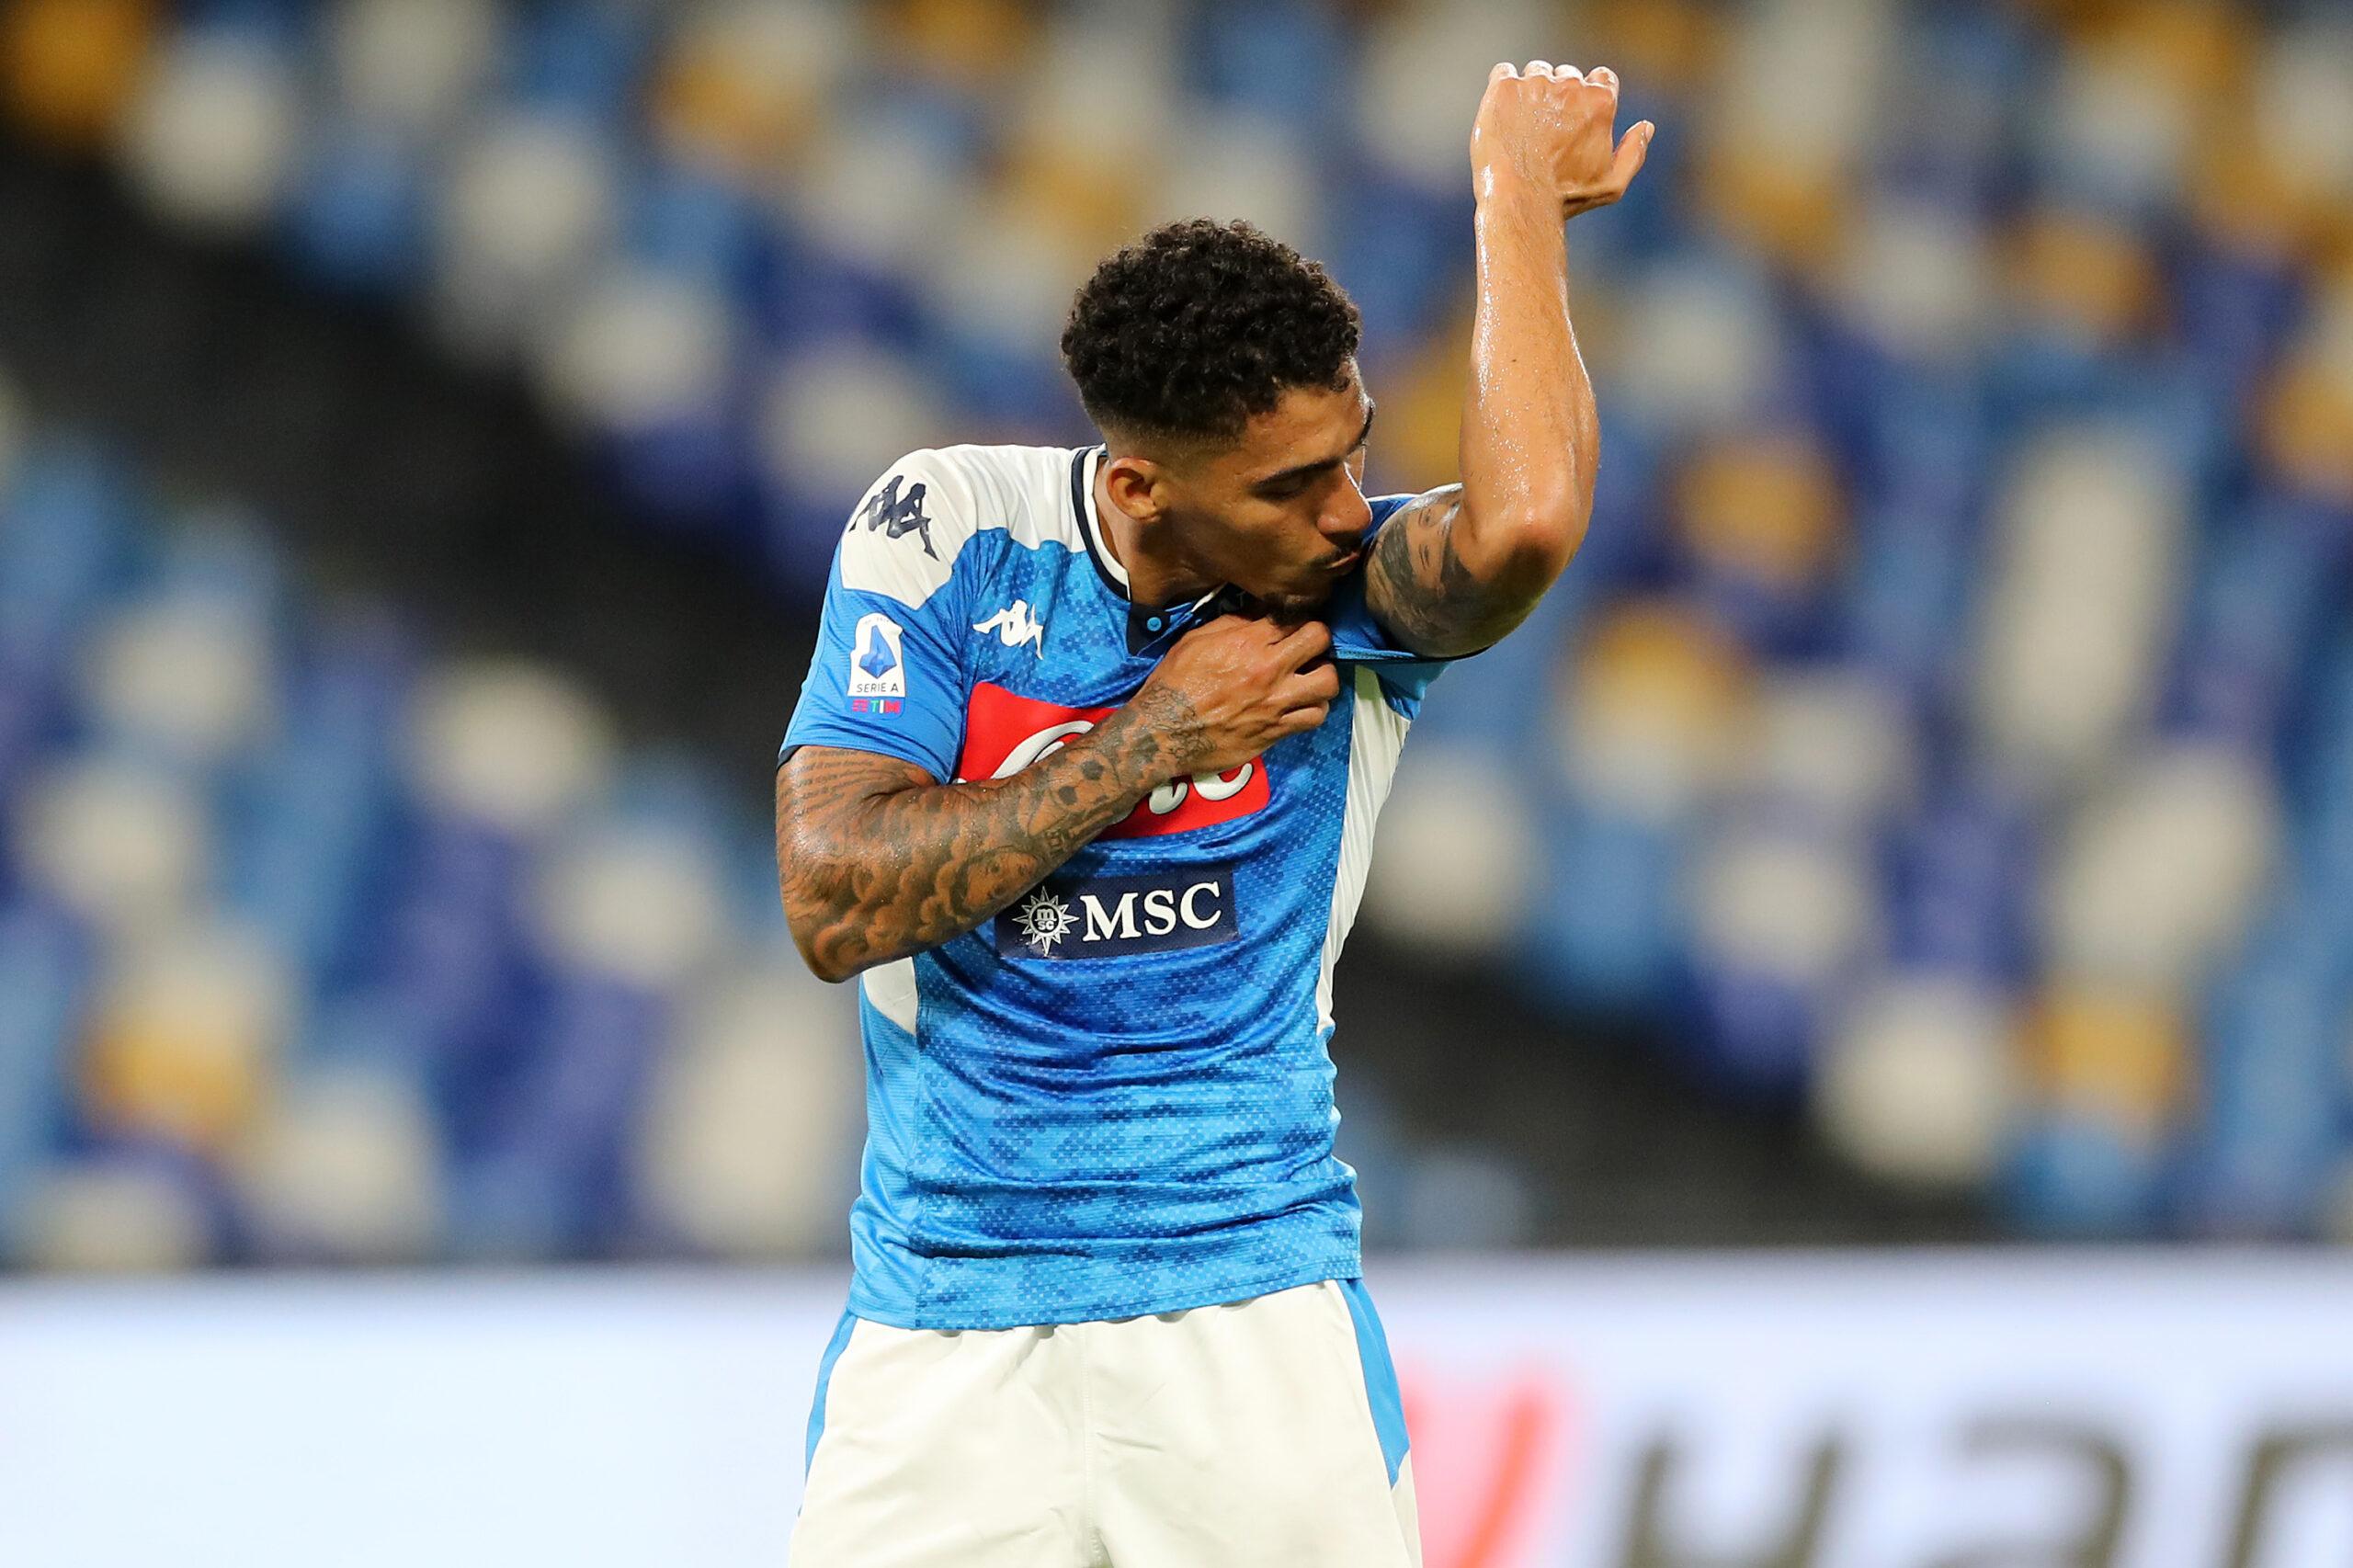 Fichajes: El Atlético le ofrece al Nápoles un trueque por Allan